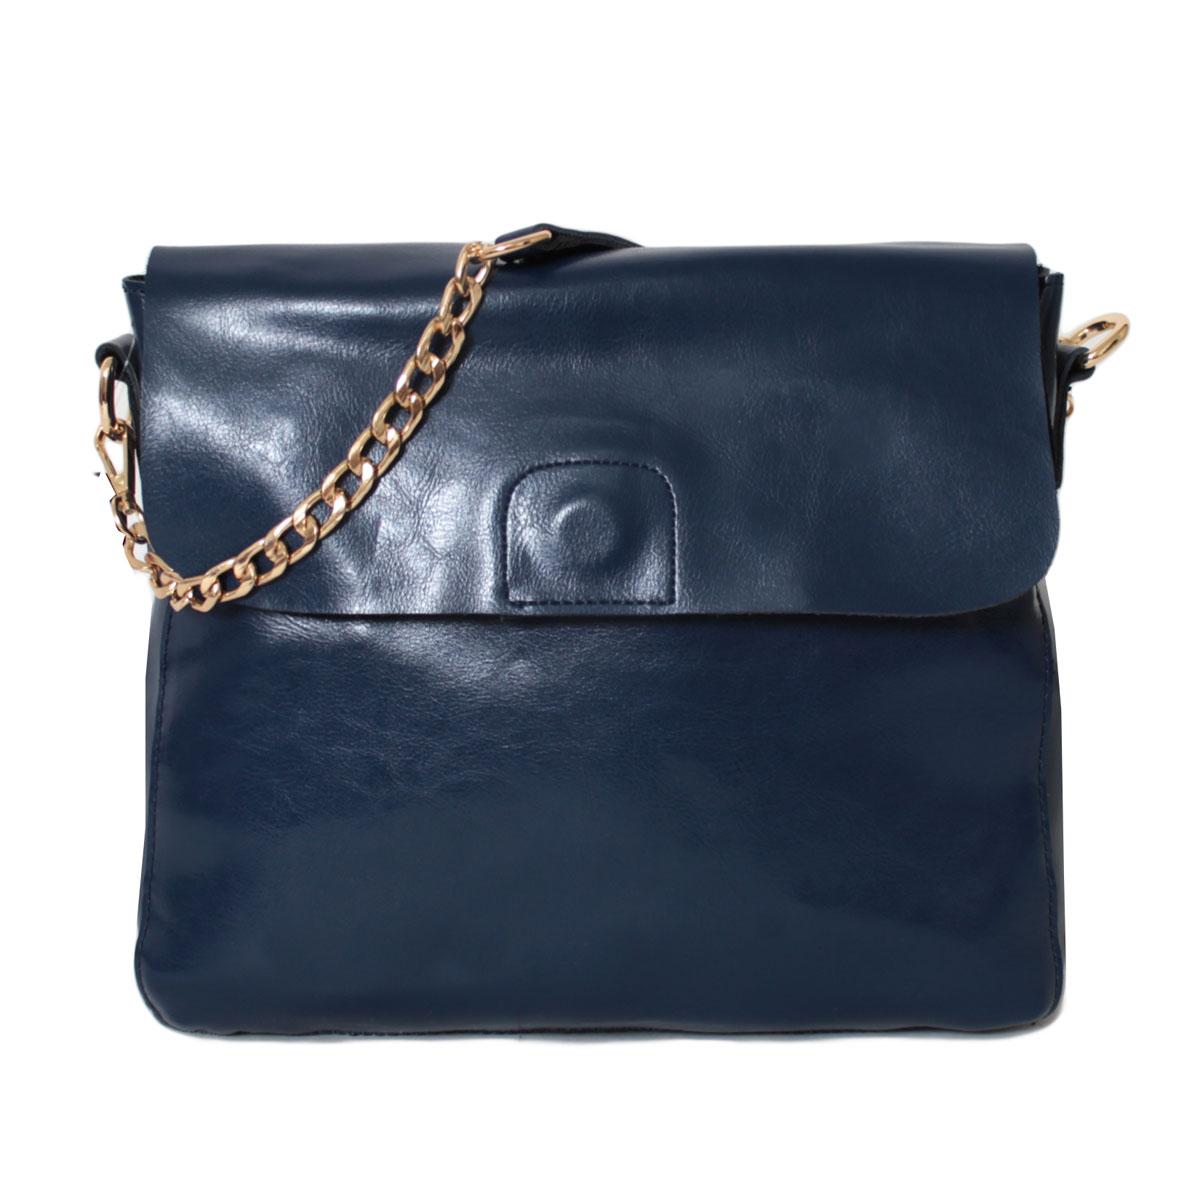 Сумка женская Flioraj, цвет: синий. 0005248900052489Закрывается на молнию. Внутри два отделения, два кармана на молнии, два открытых кармана. Снаружи один карман на молнии. Длинный ремень.